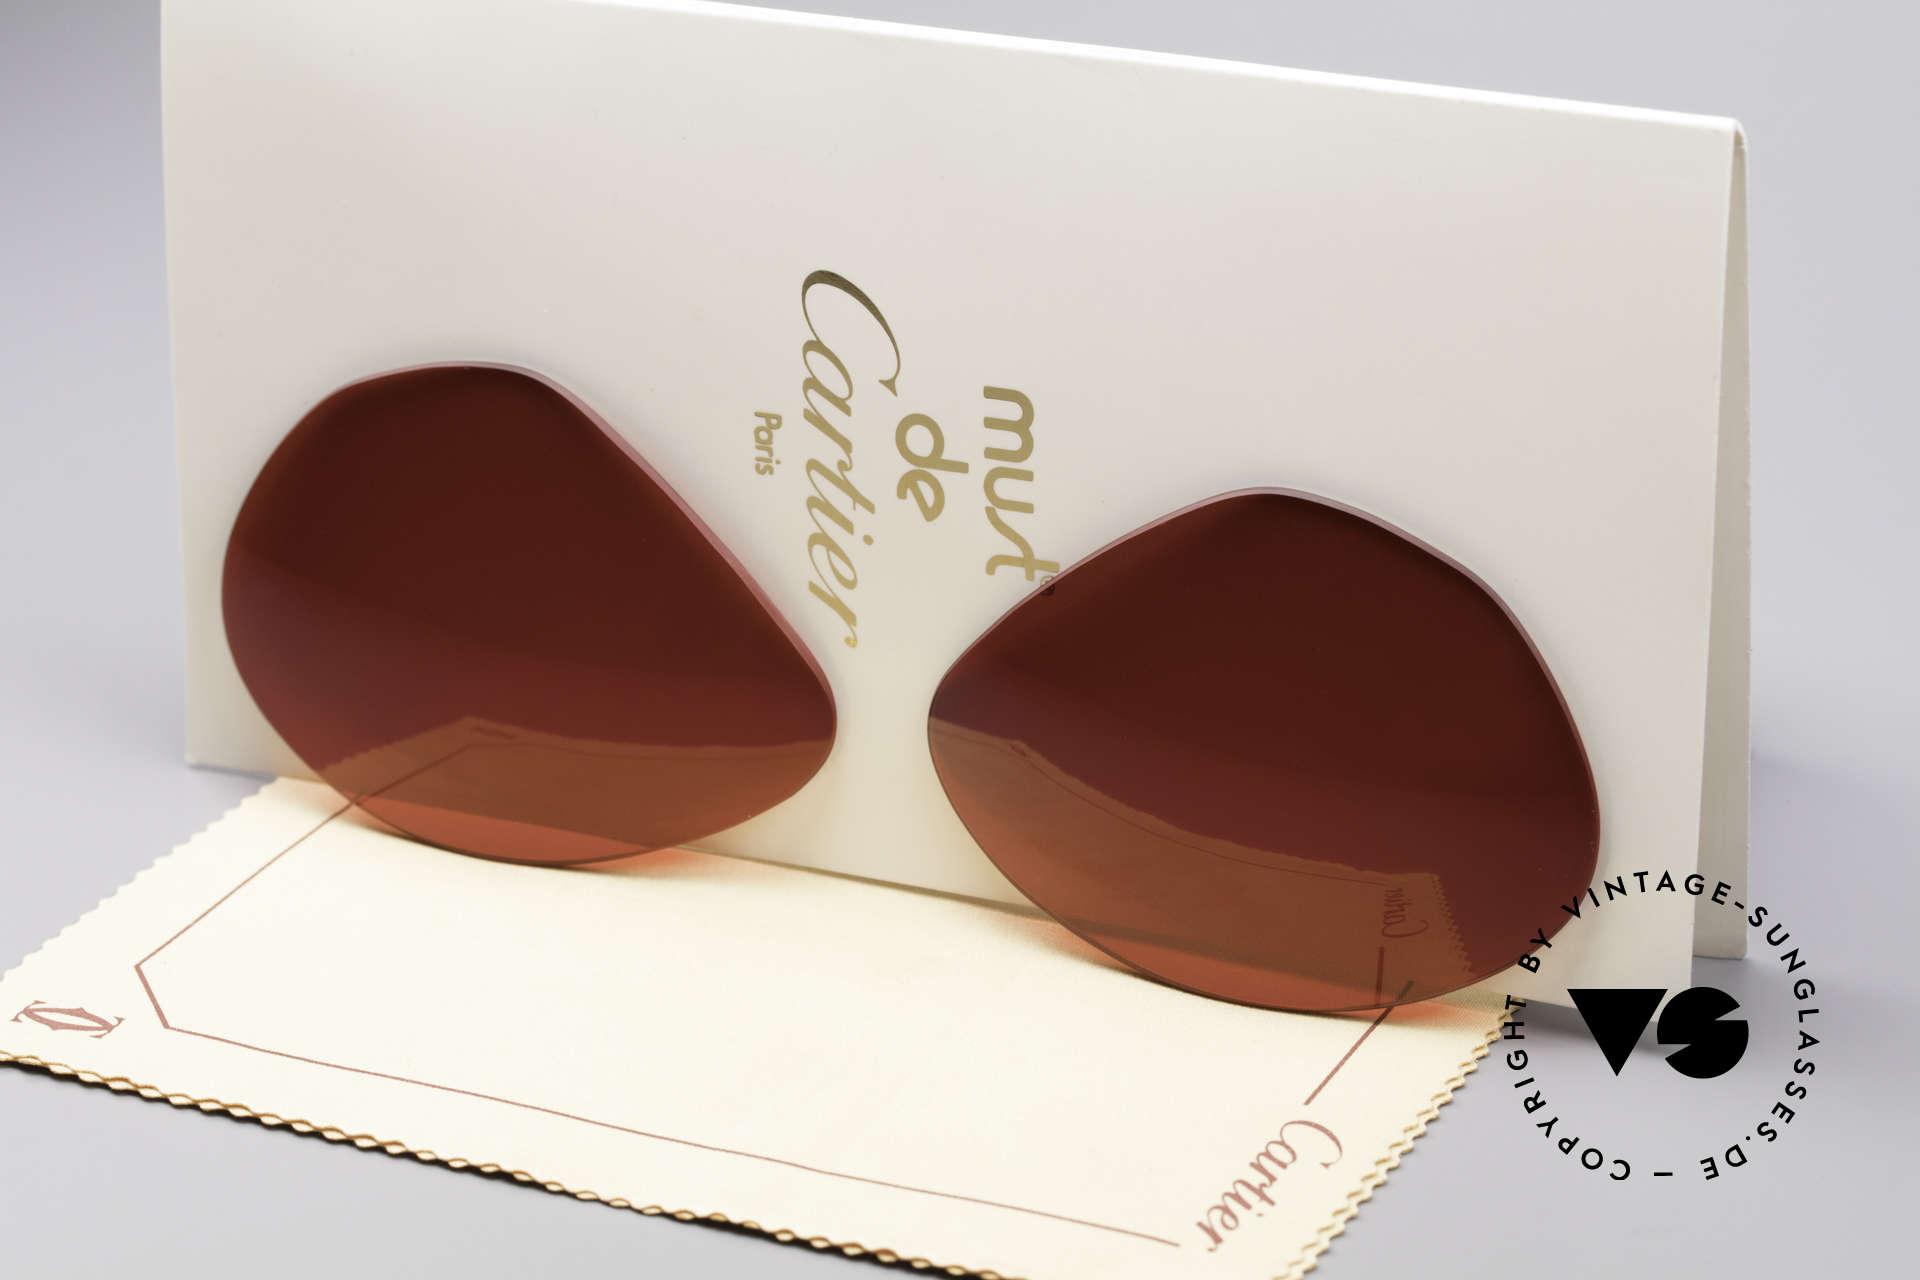 Cartier Vendome Lenses - L Sonnengläser 3D Rot, Ersatzgläser für Cartier Modell Vendome LARGE 62mm, Passend für Herren